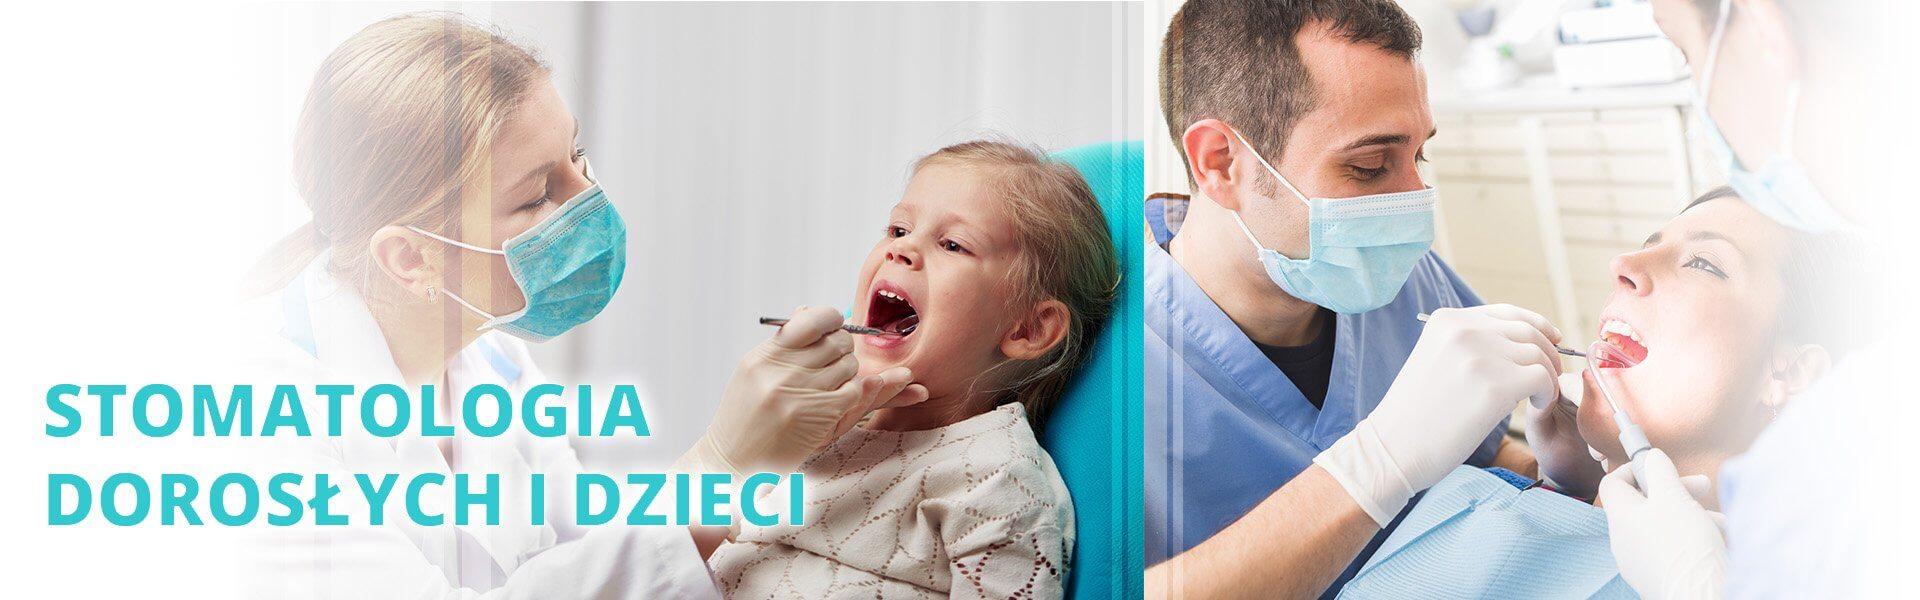 stomatolodzy podczas pracy